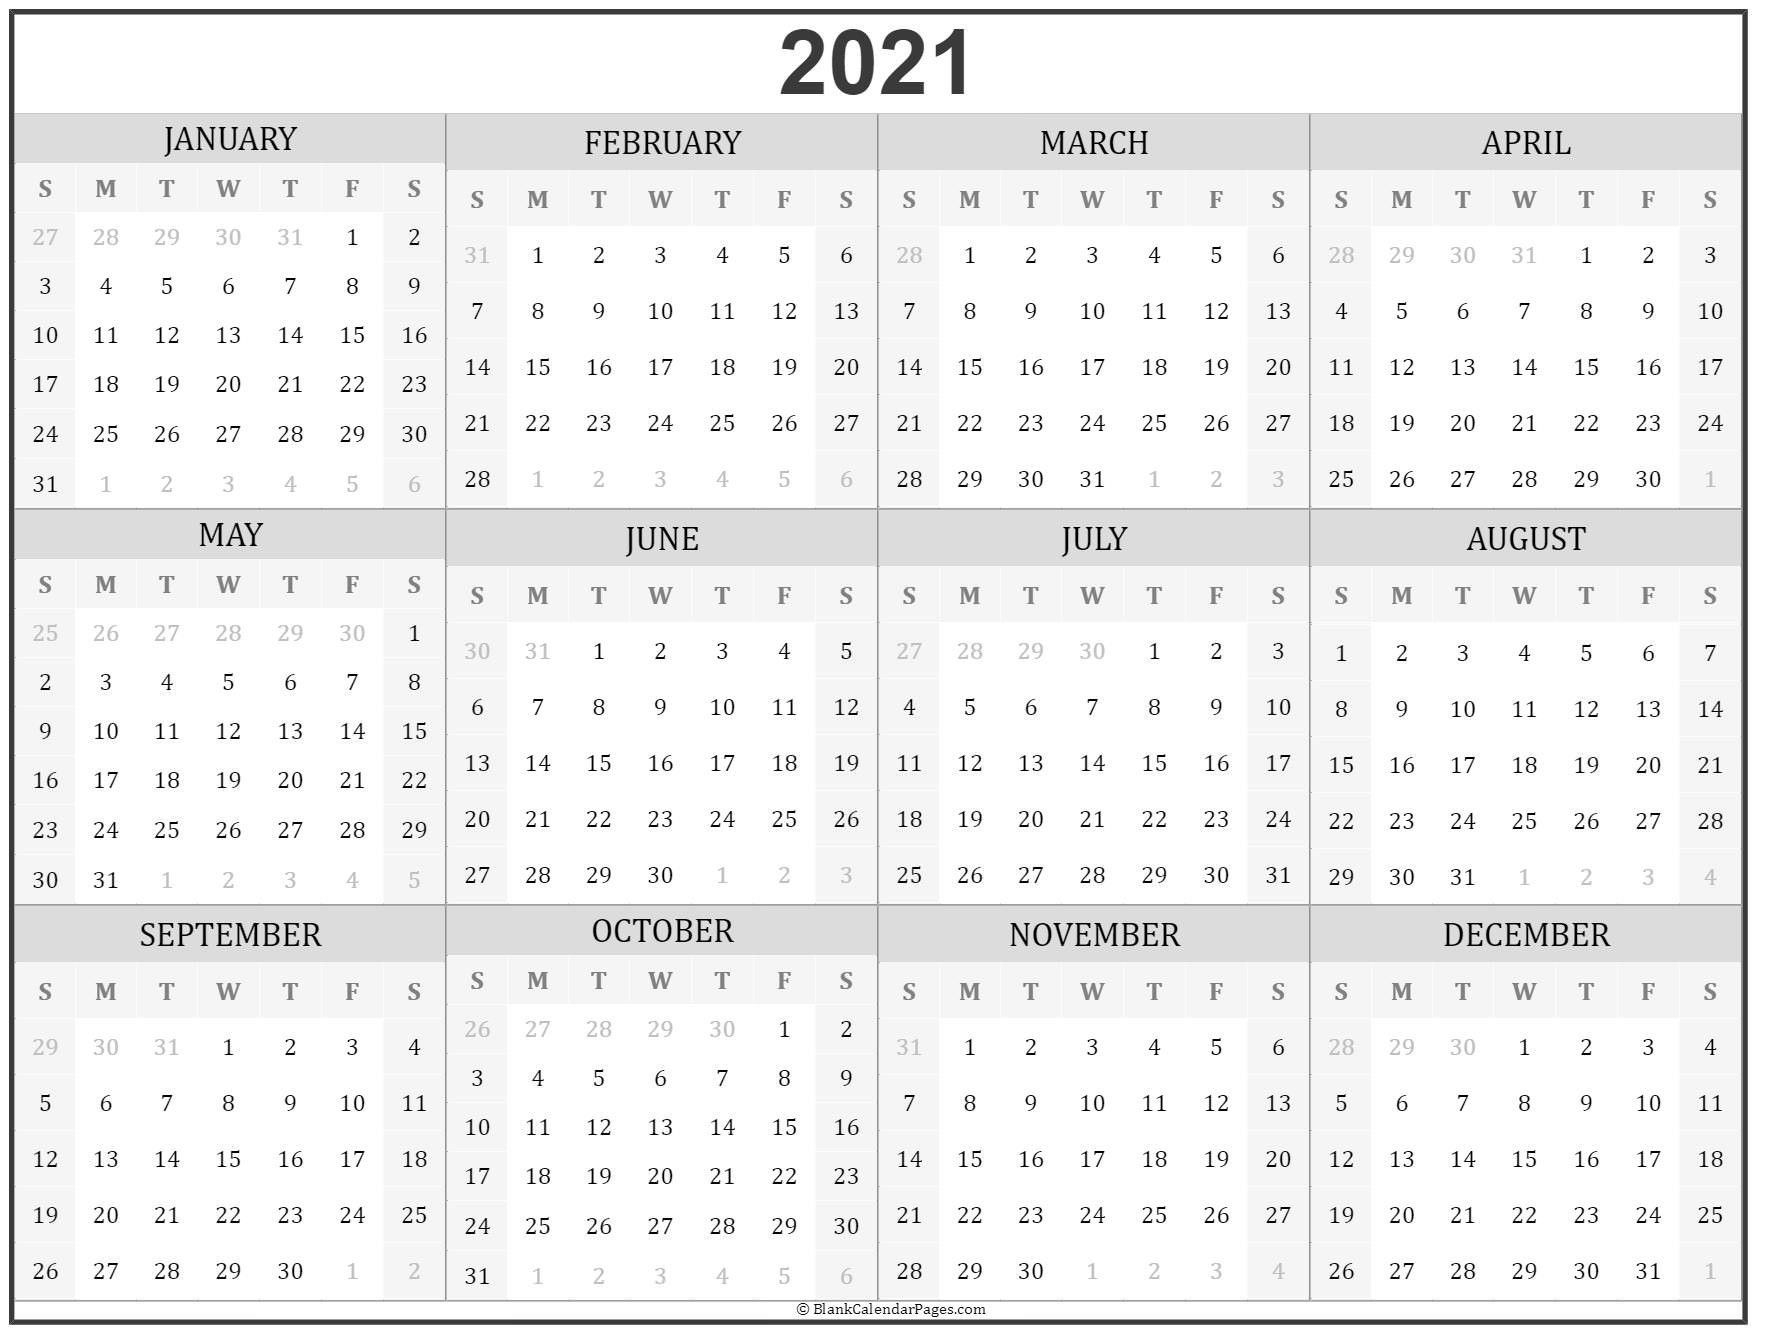 2021 Year Calendar 2021 Year Calendar 2021 Year Calendar-2021 Year Calendar Printable